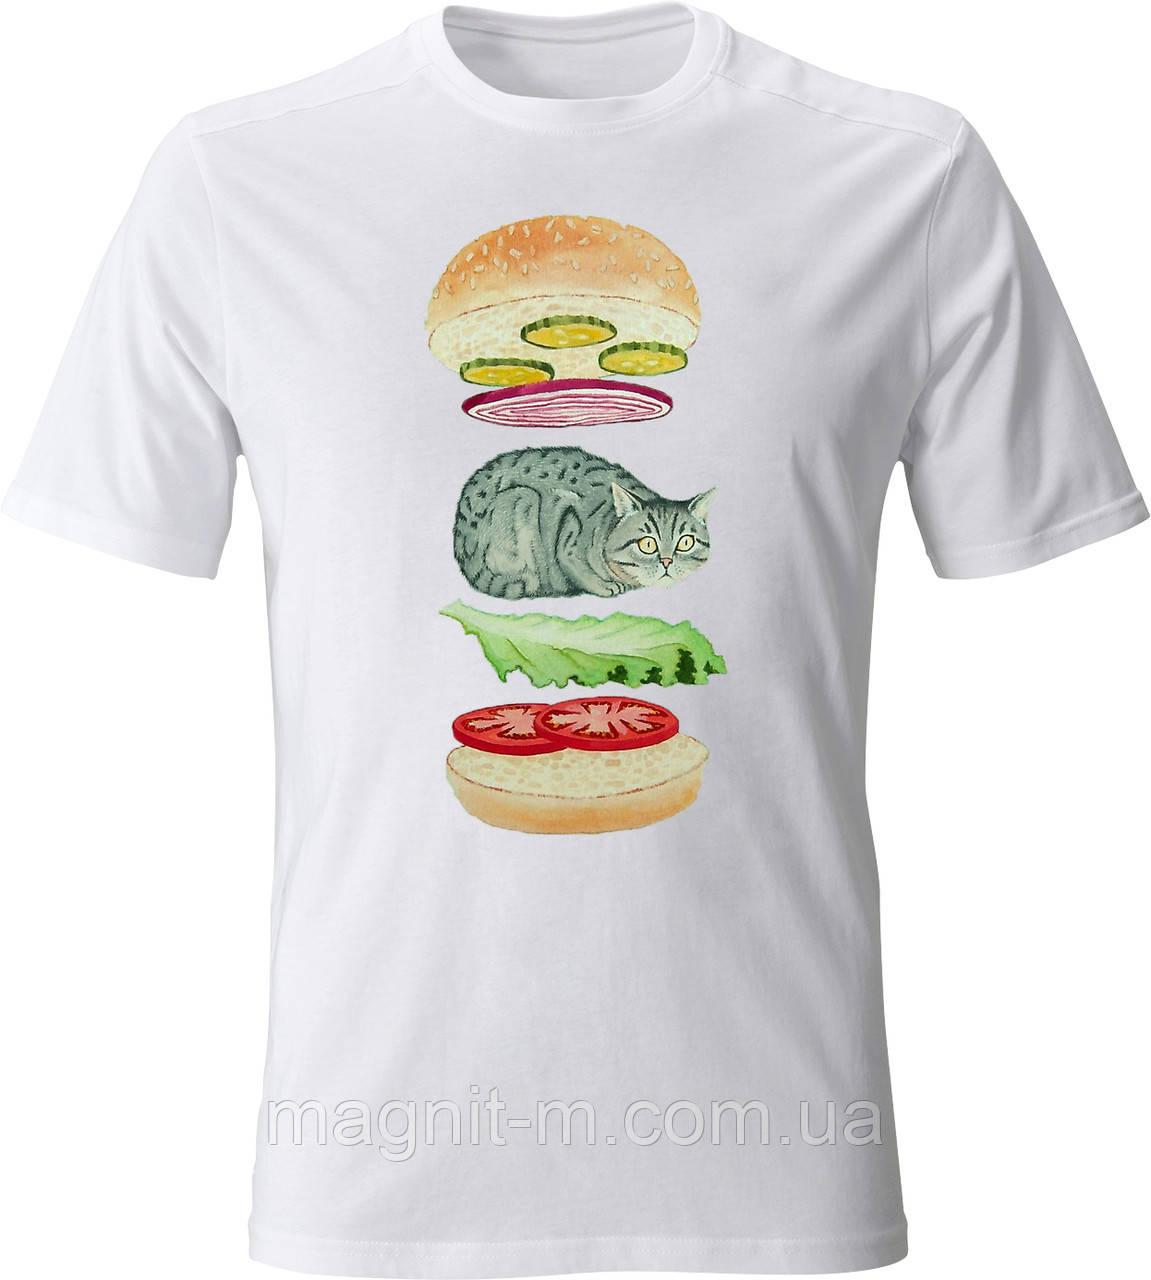 """Футболка мужская с накаткой """"Burger Cat"""".  Белый цвет. №01. (Розница)."""